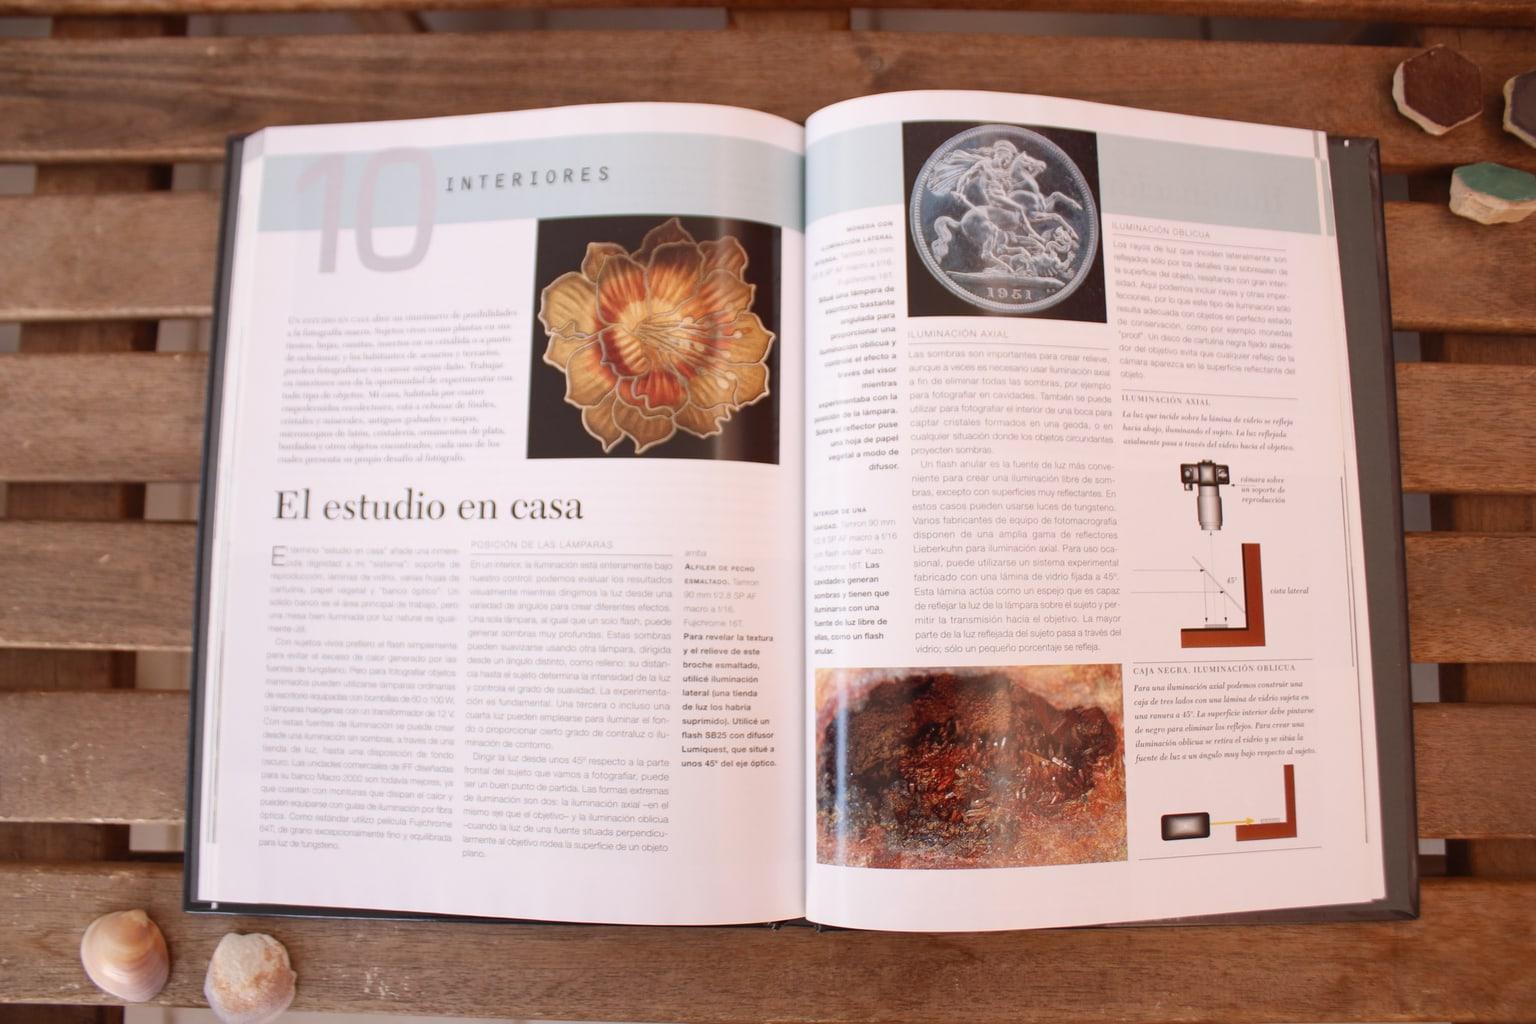 Interiores libro Macrofotografía